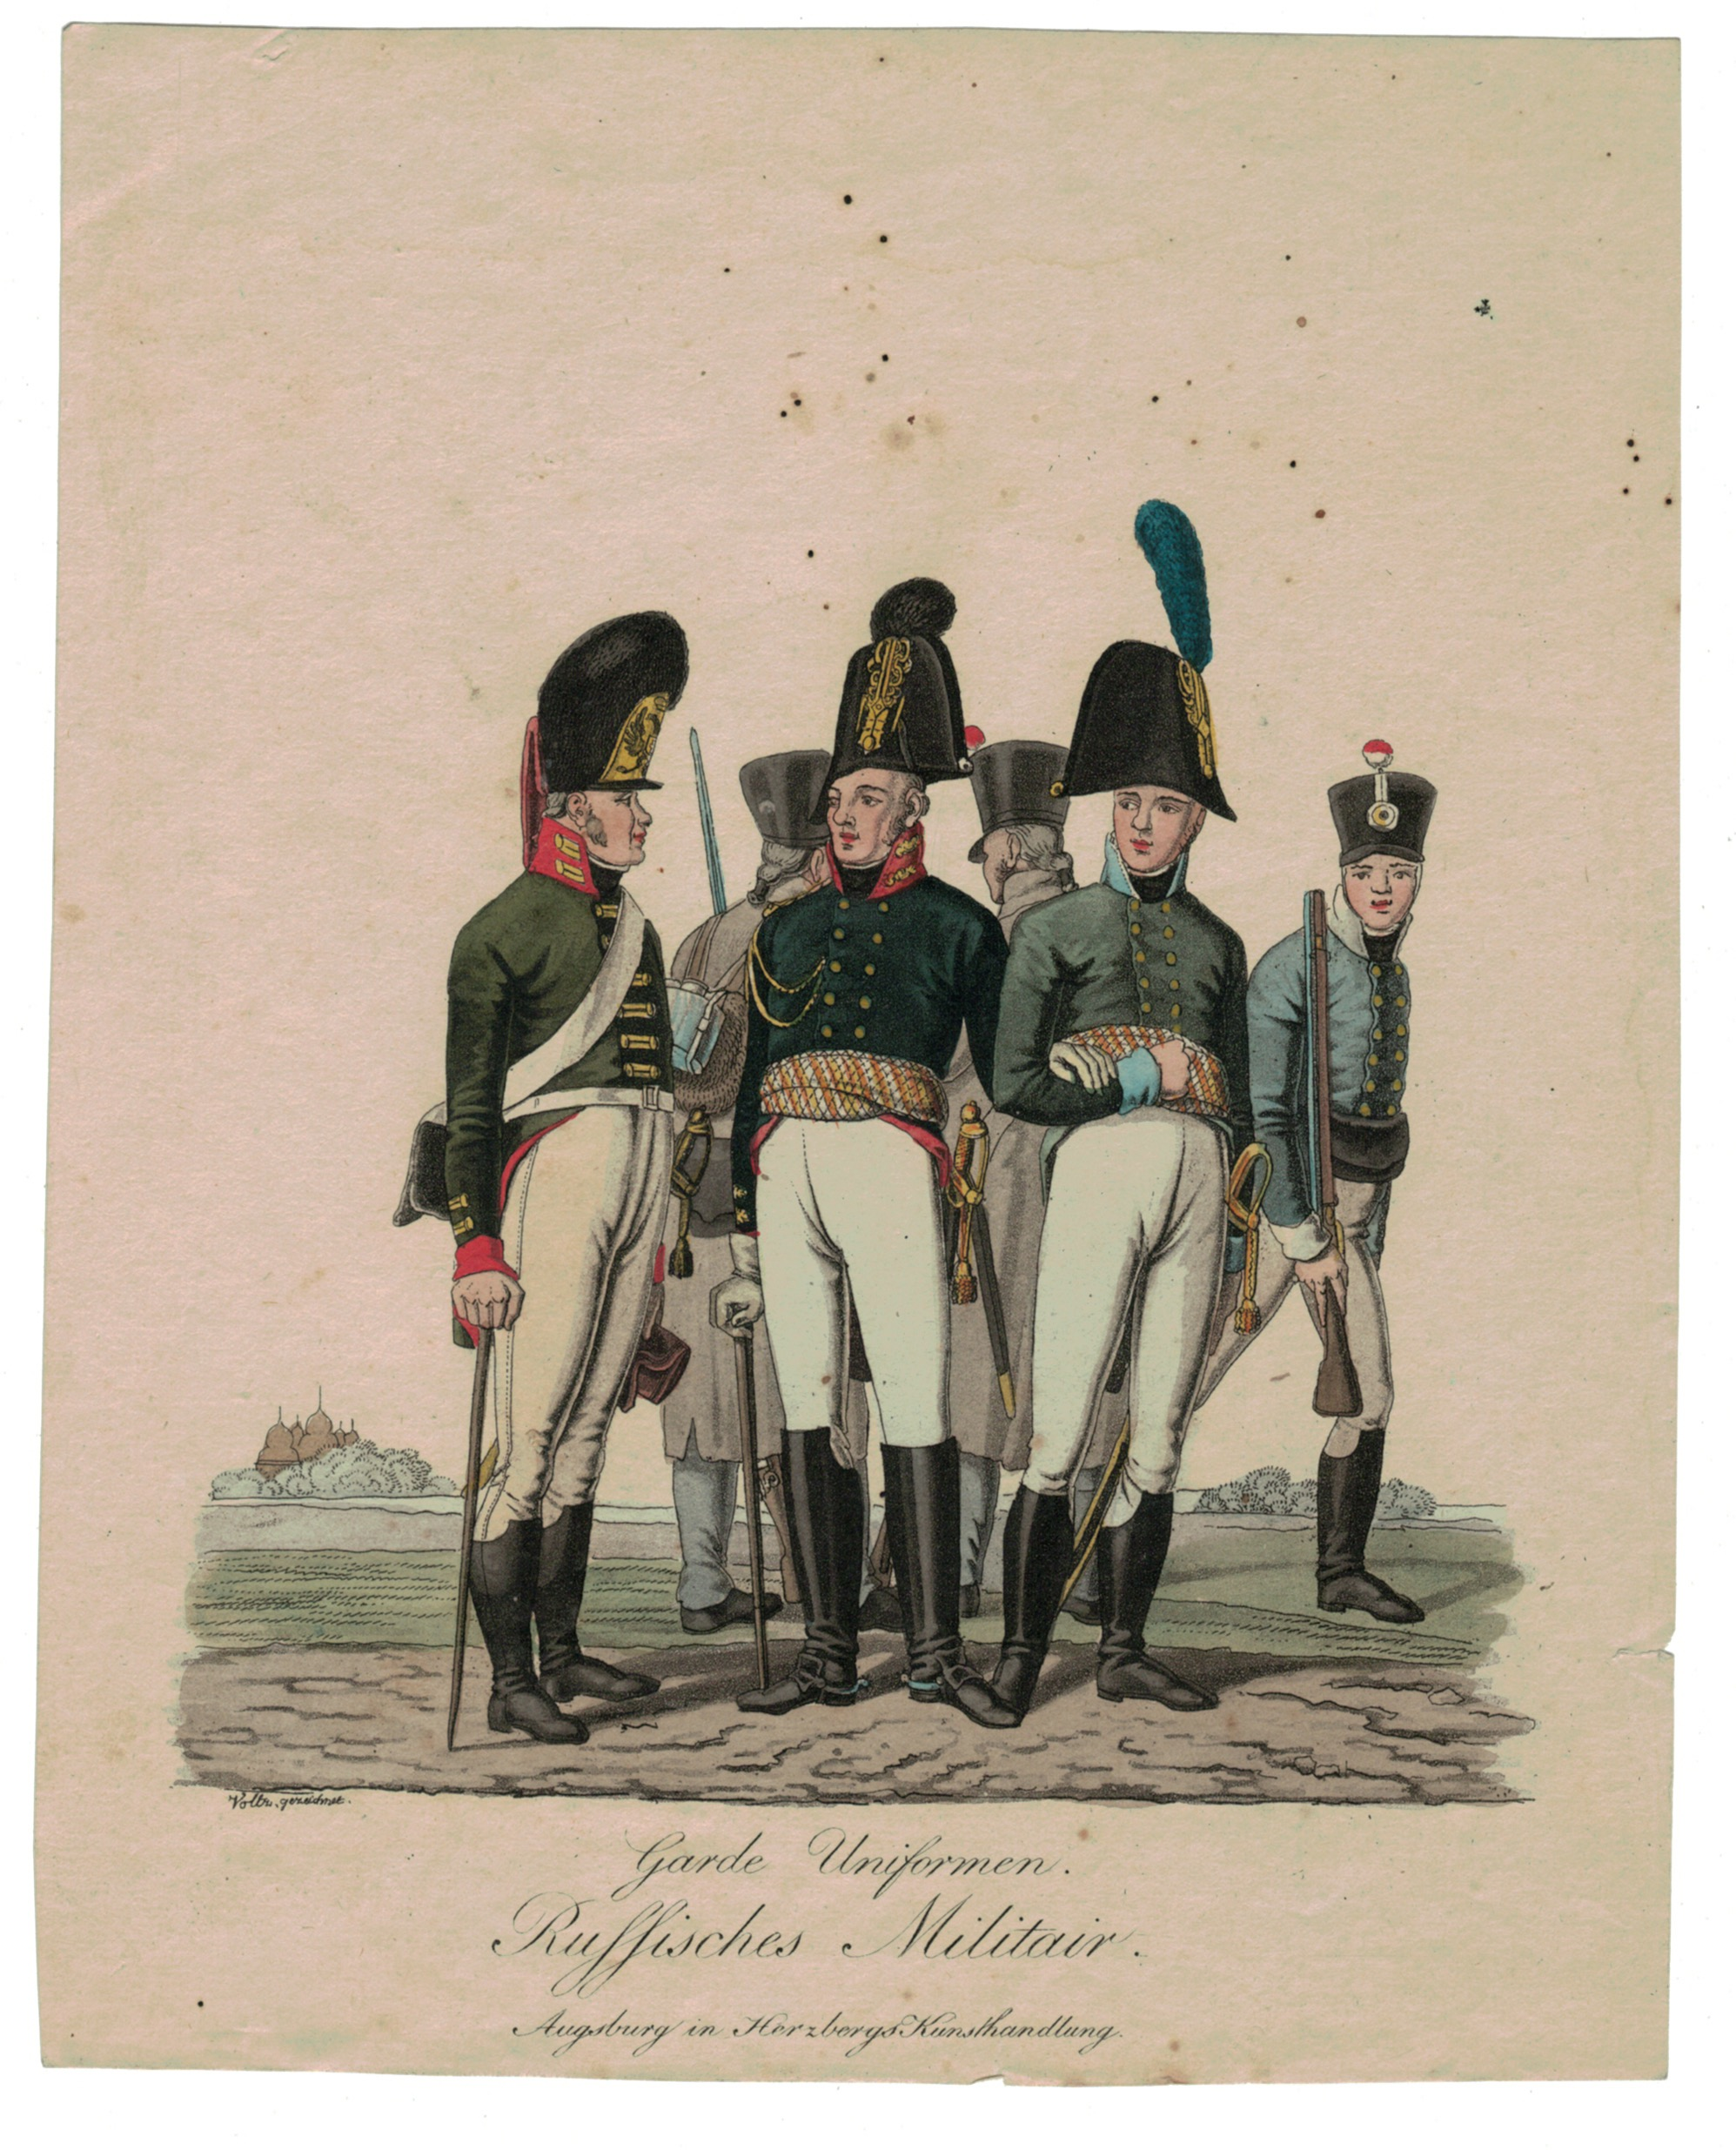 Gravure XIX - Armée Russe - Russie - Cavalier - Guerres Napoléoniennes - 1812 - Napoléon I - Borodino - Garde - Infanterie